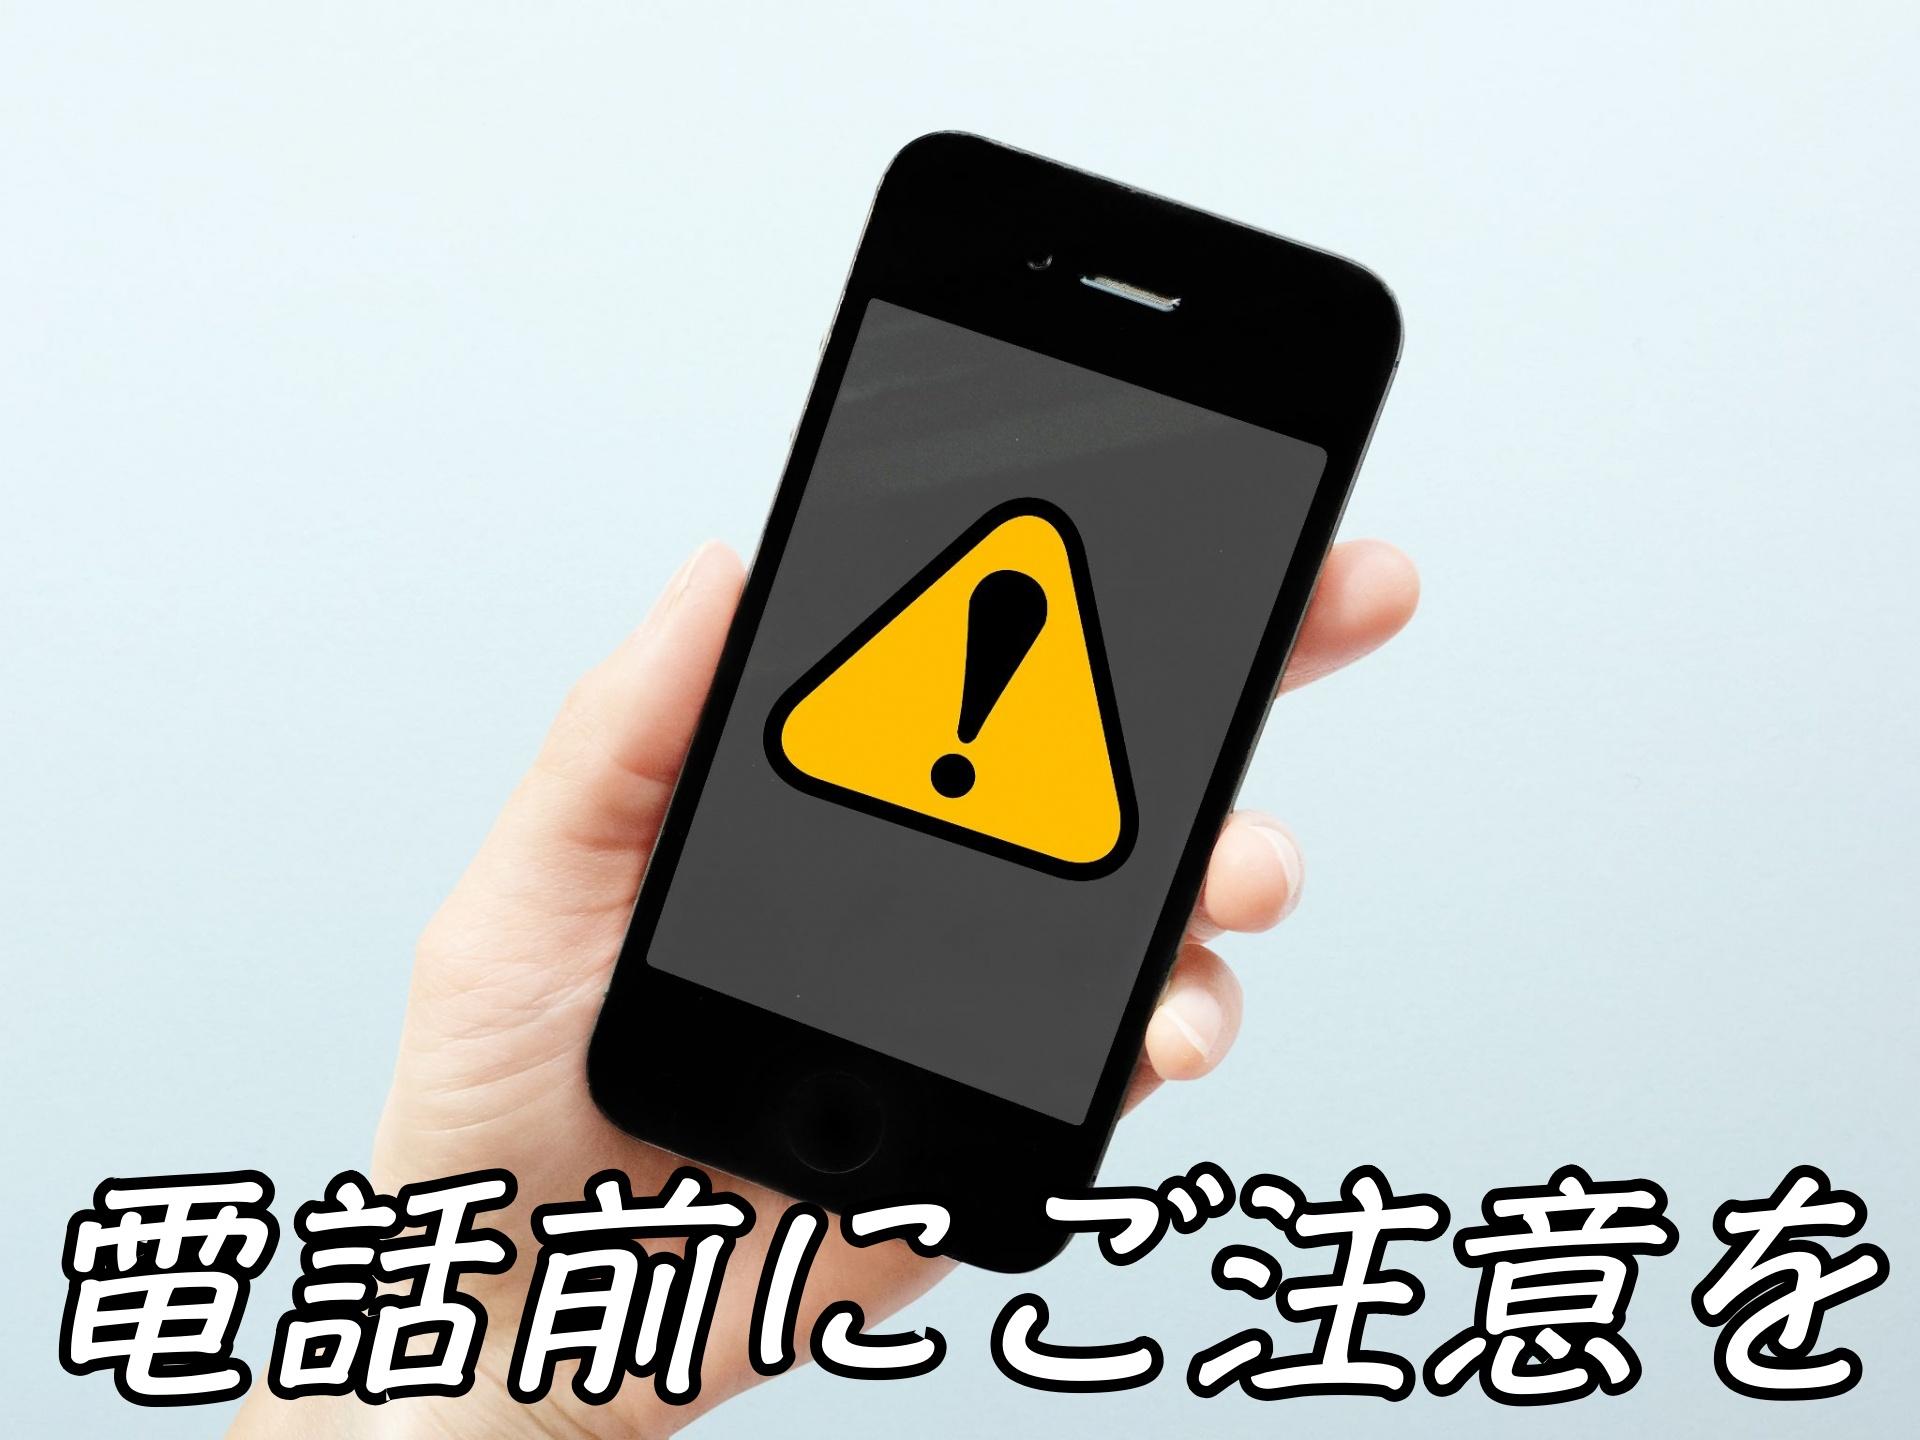 注意マークがあるスマートフォン携帯